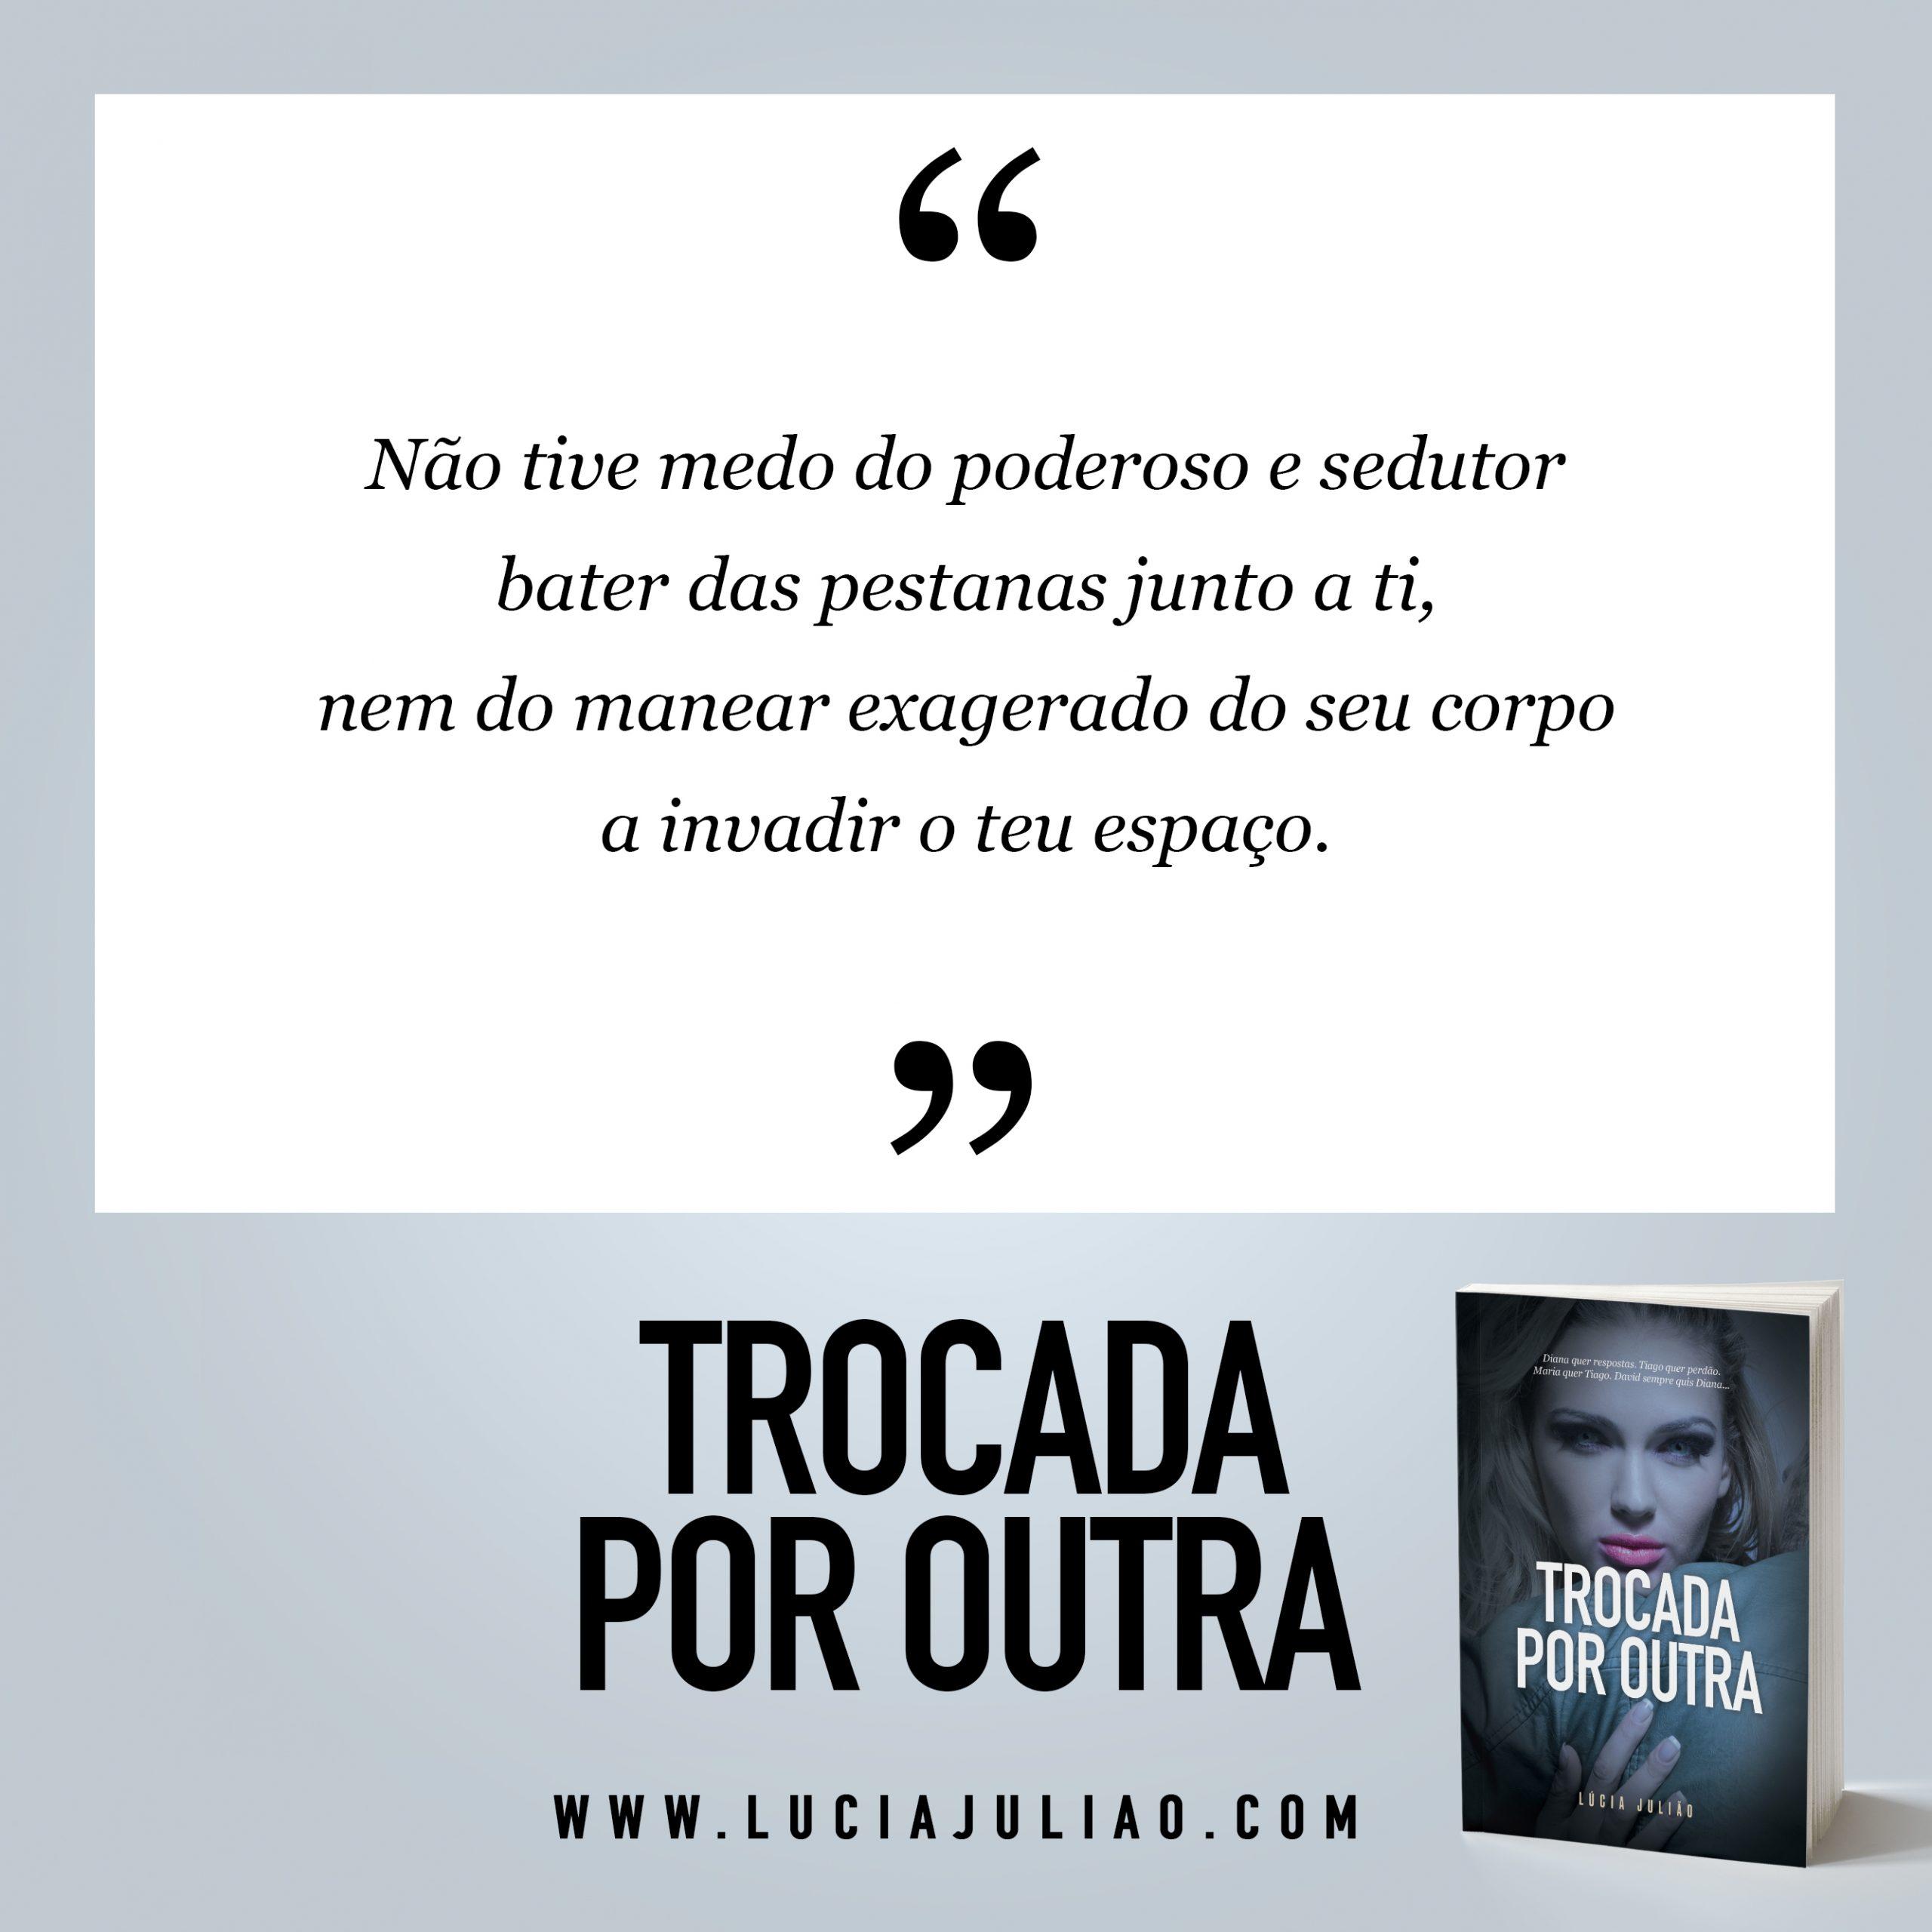 030Q - capitulo 9 Trocada por outra - Lúcia Julião